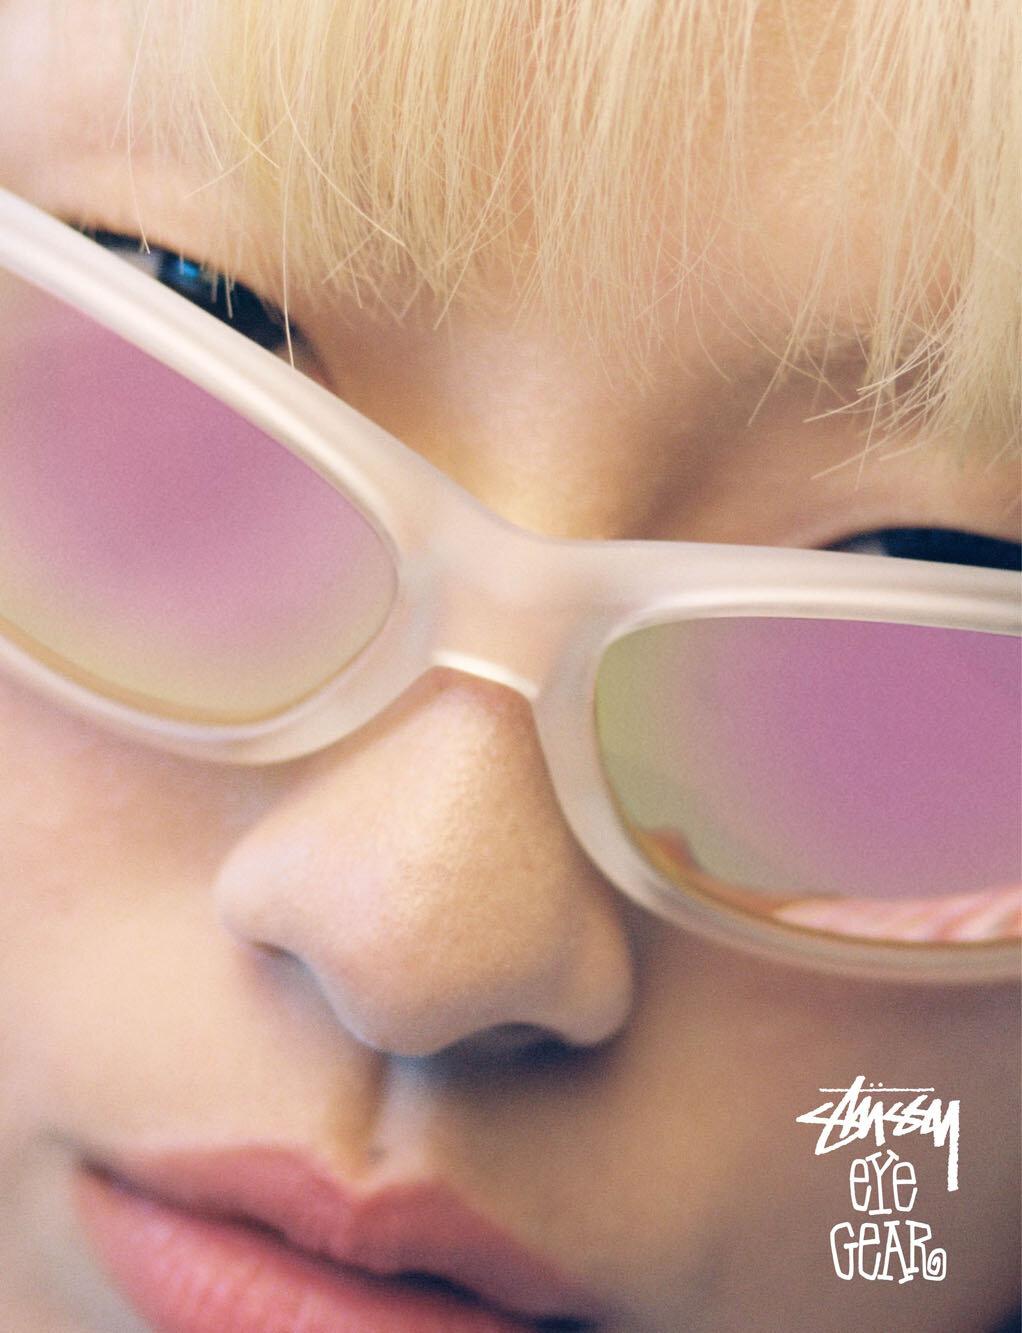 Stussy Eyegear Ad 230 x 3003.jpg